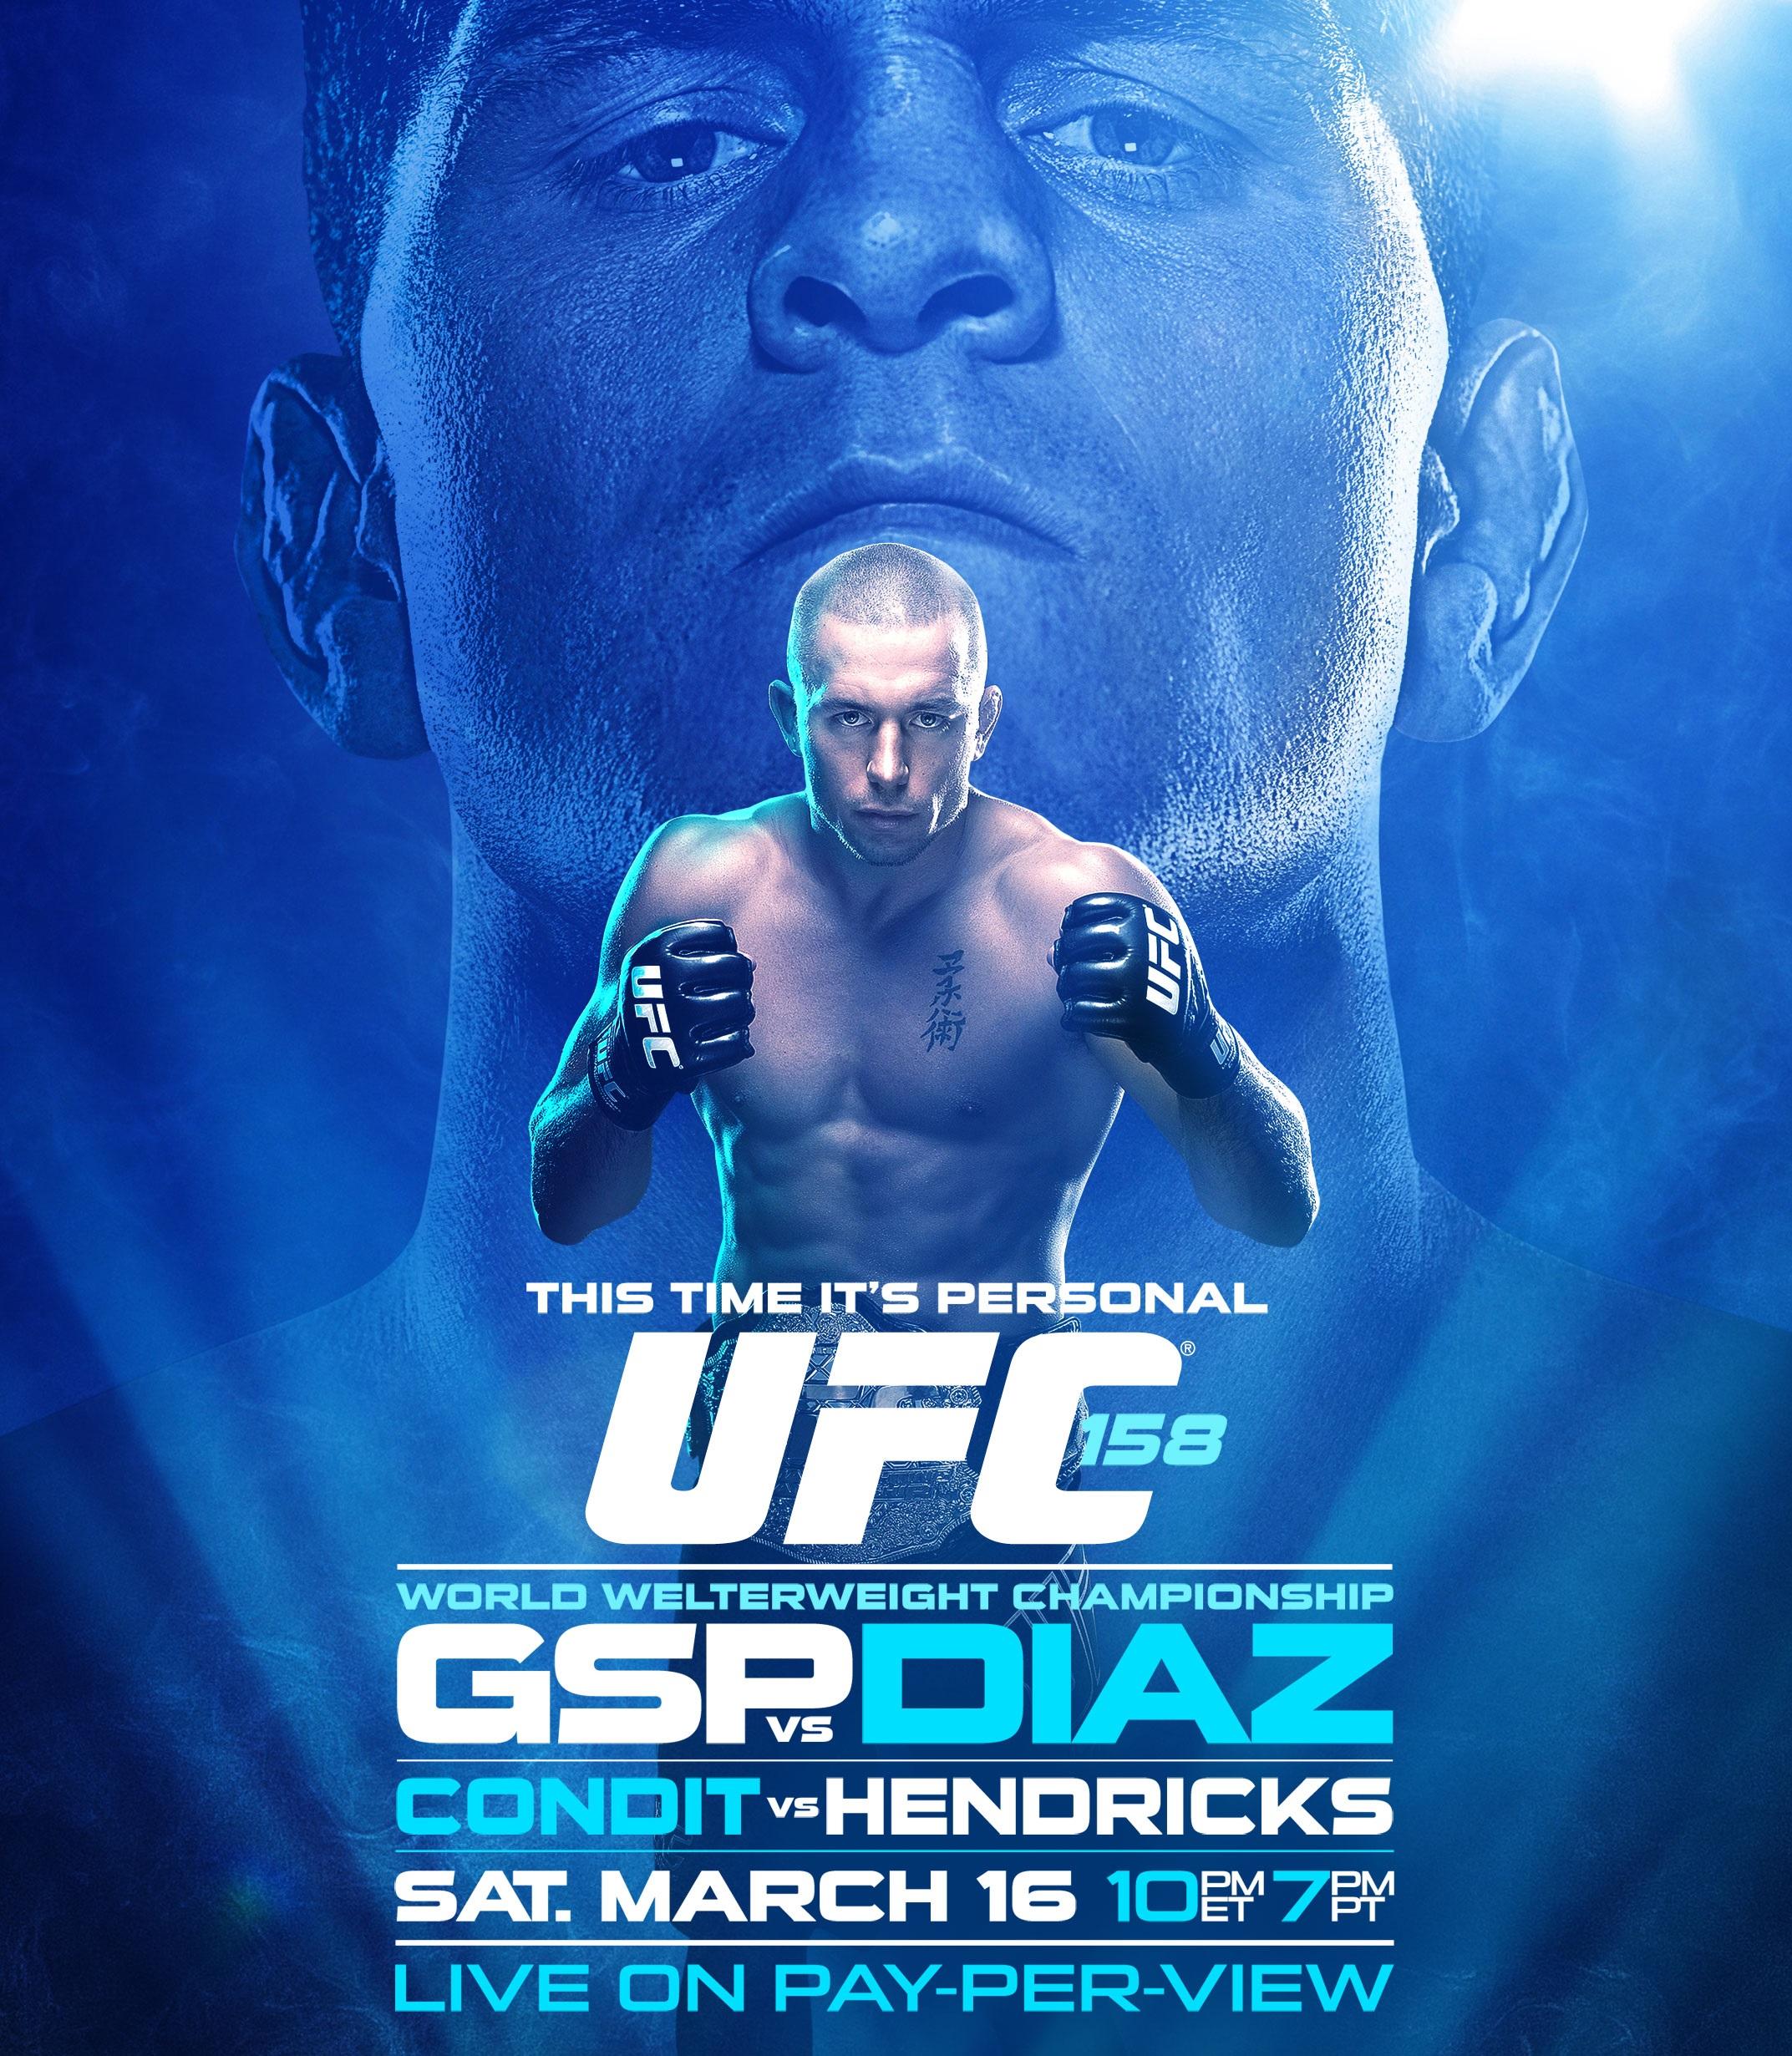 Pôster oficial do UFC 158: GSP vs Diaz. Foto: UFC/Divulgação